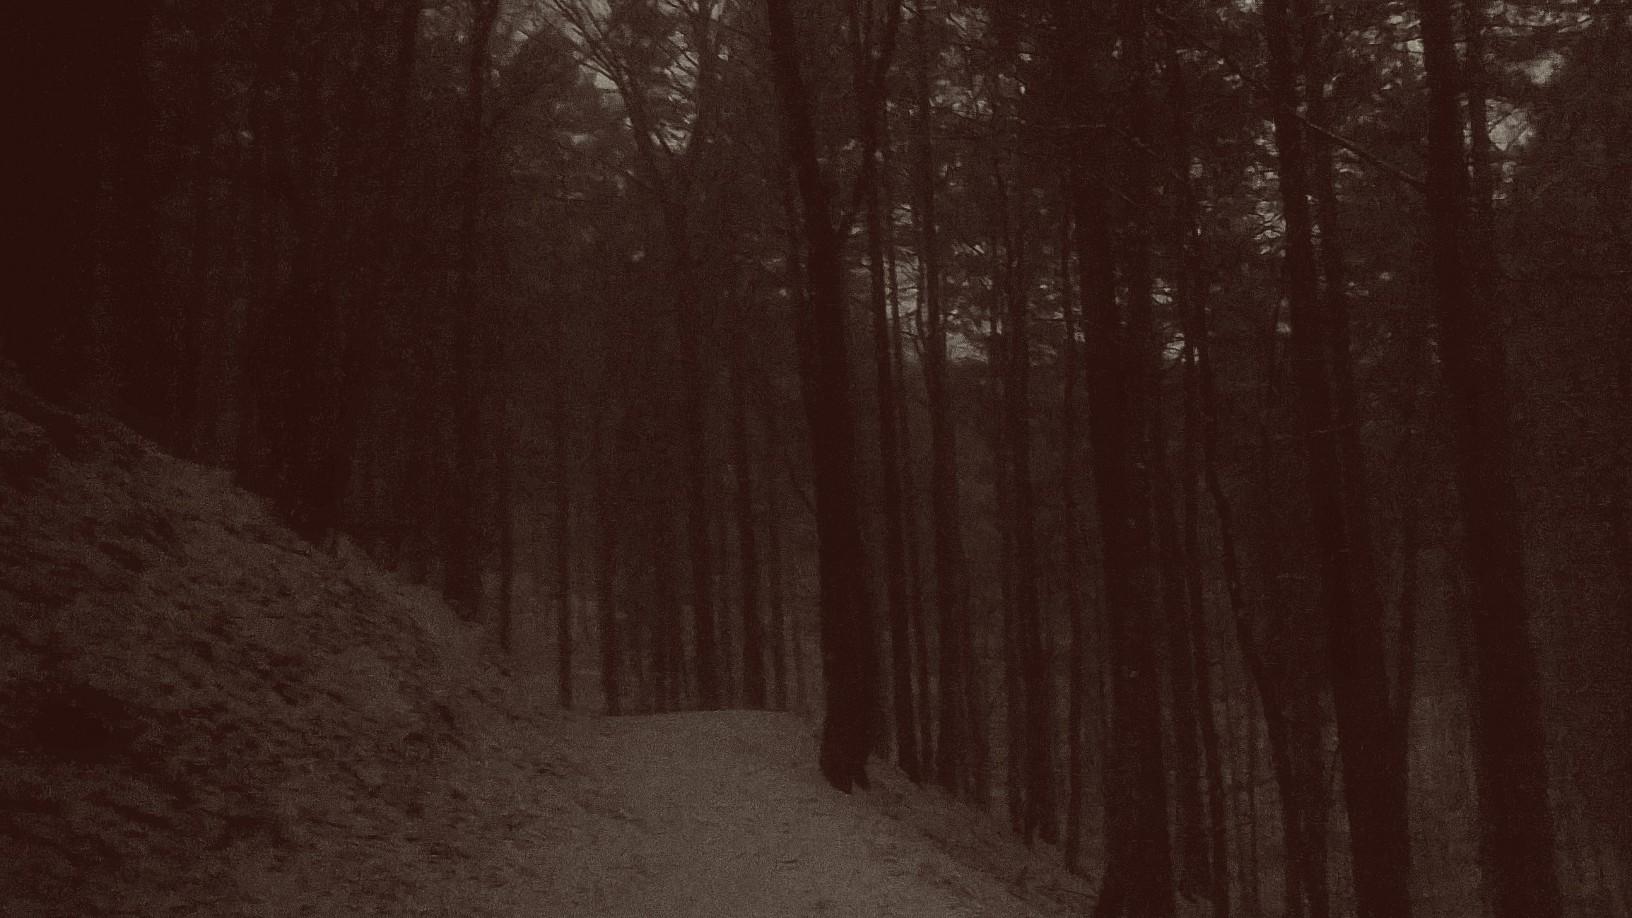 spadł śnieg, który rozjaśnia leśne ścieżki